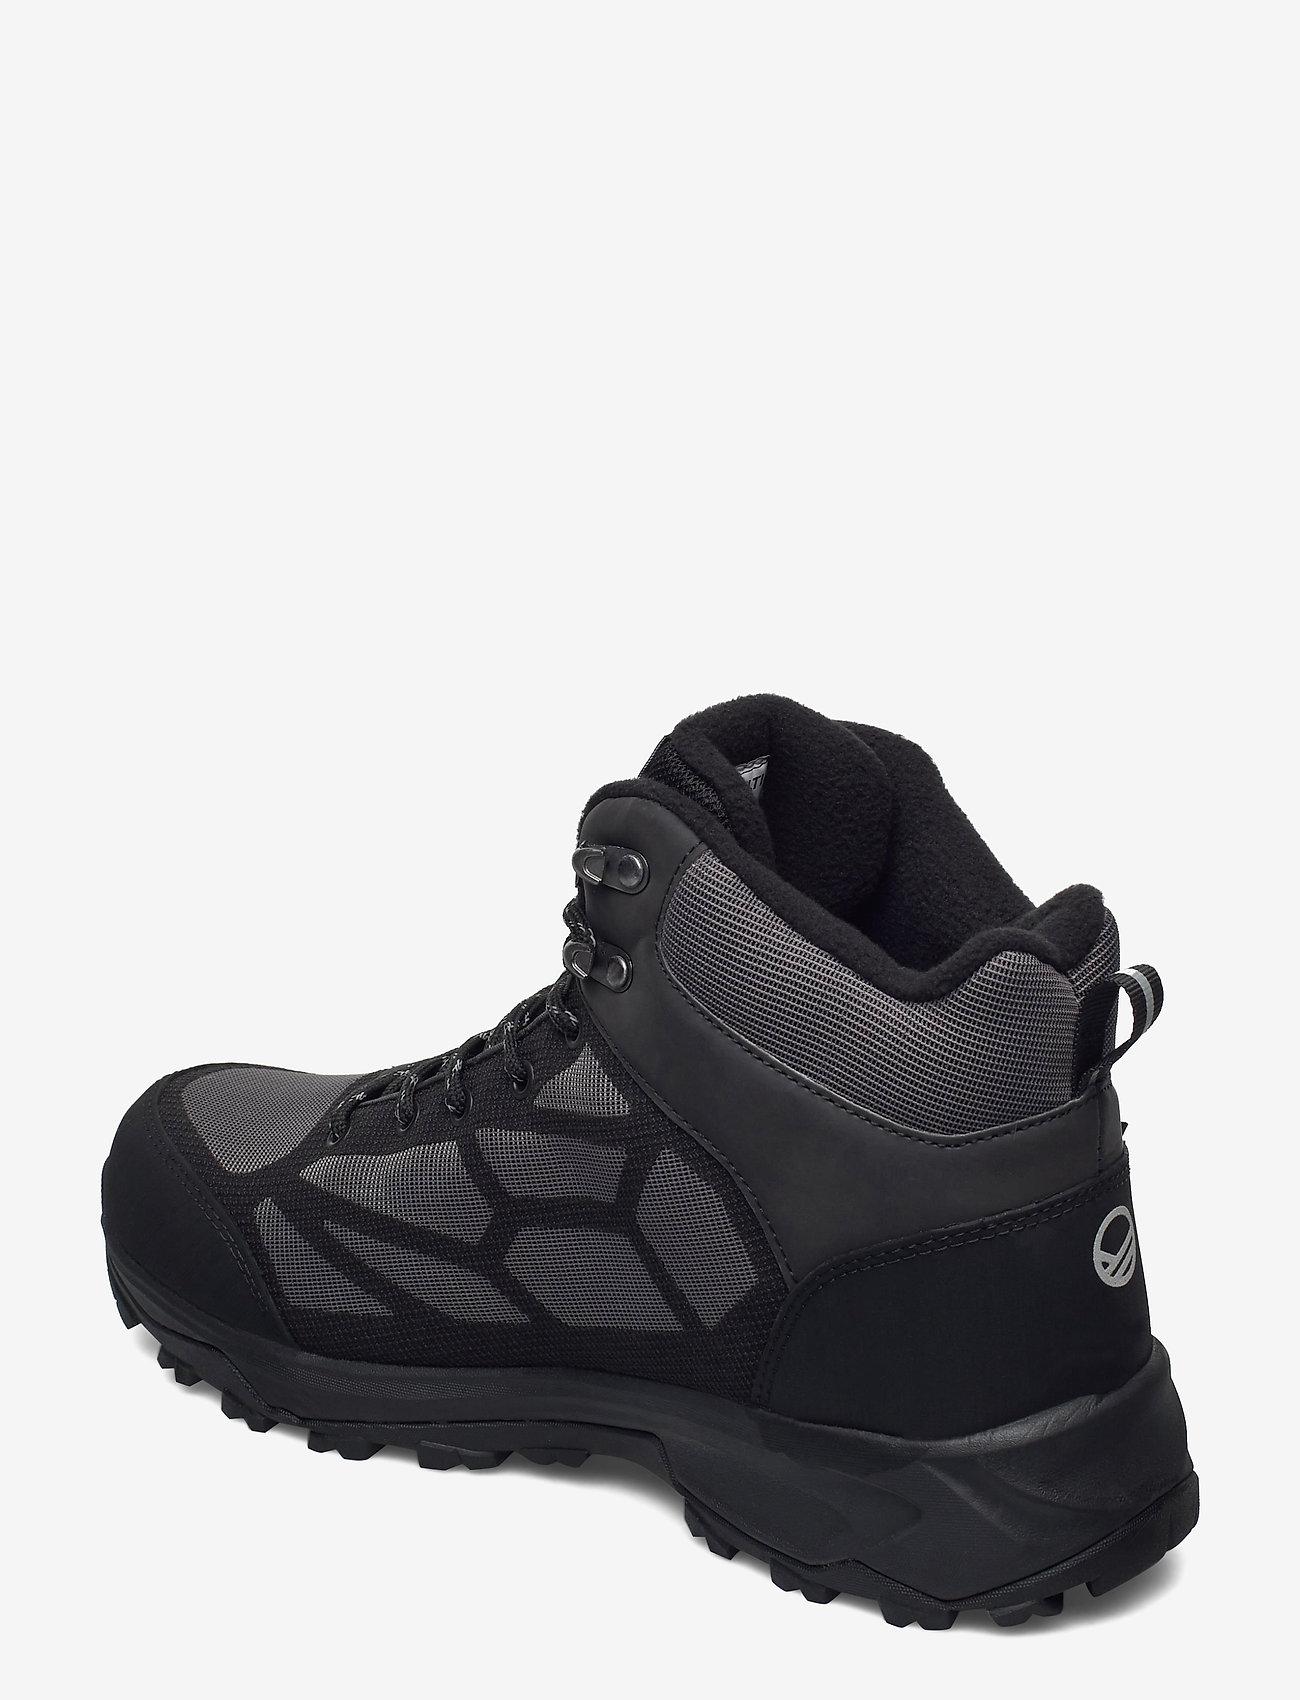 Svartisen Dx Ag Winter Boot (Black) (149 €) - Halti lxoL2